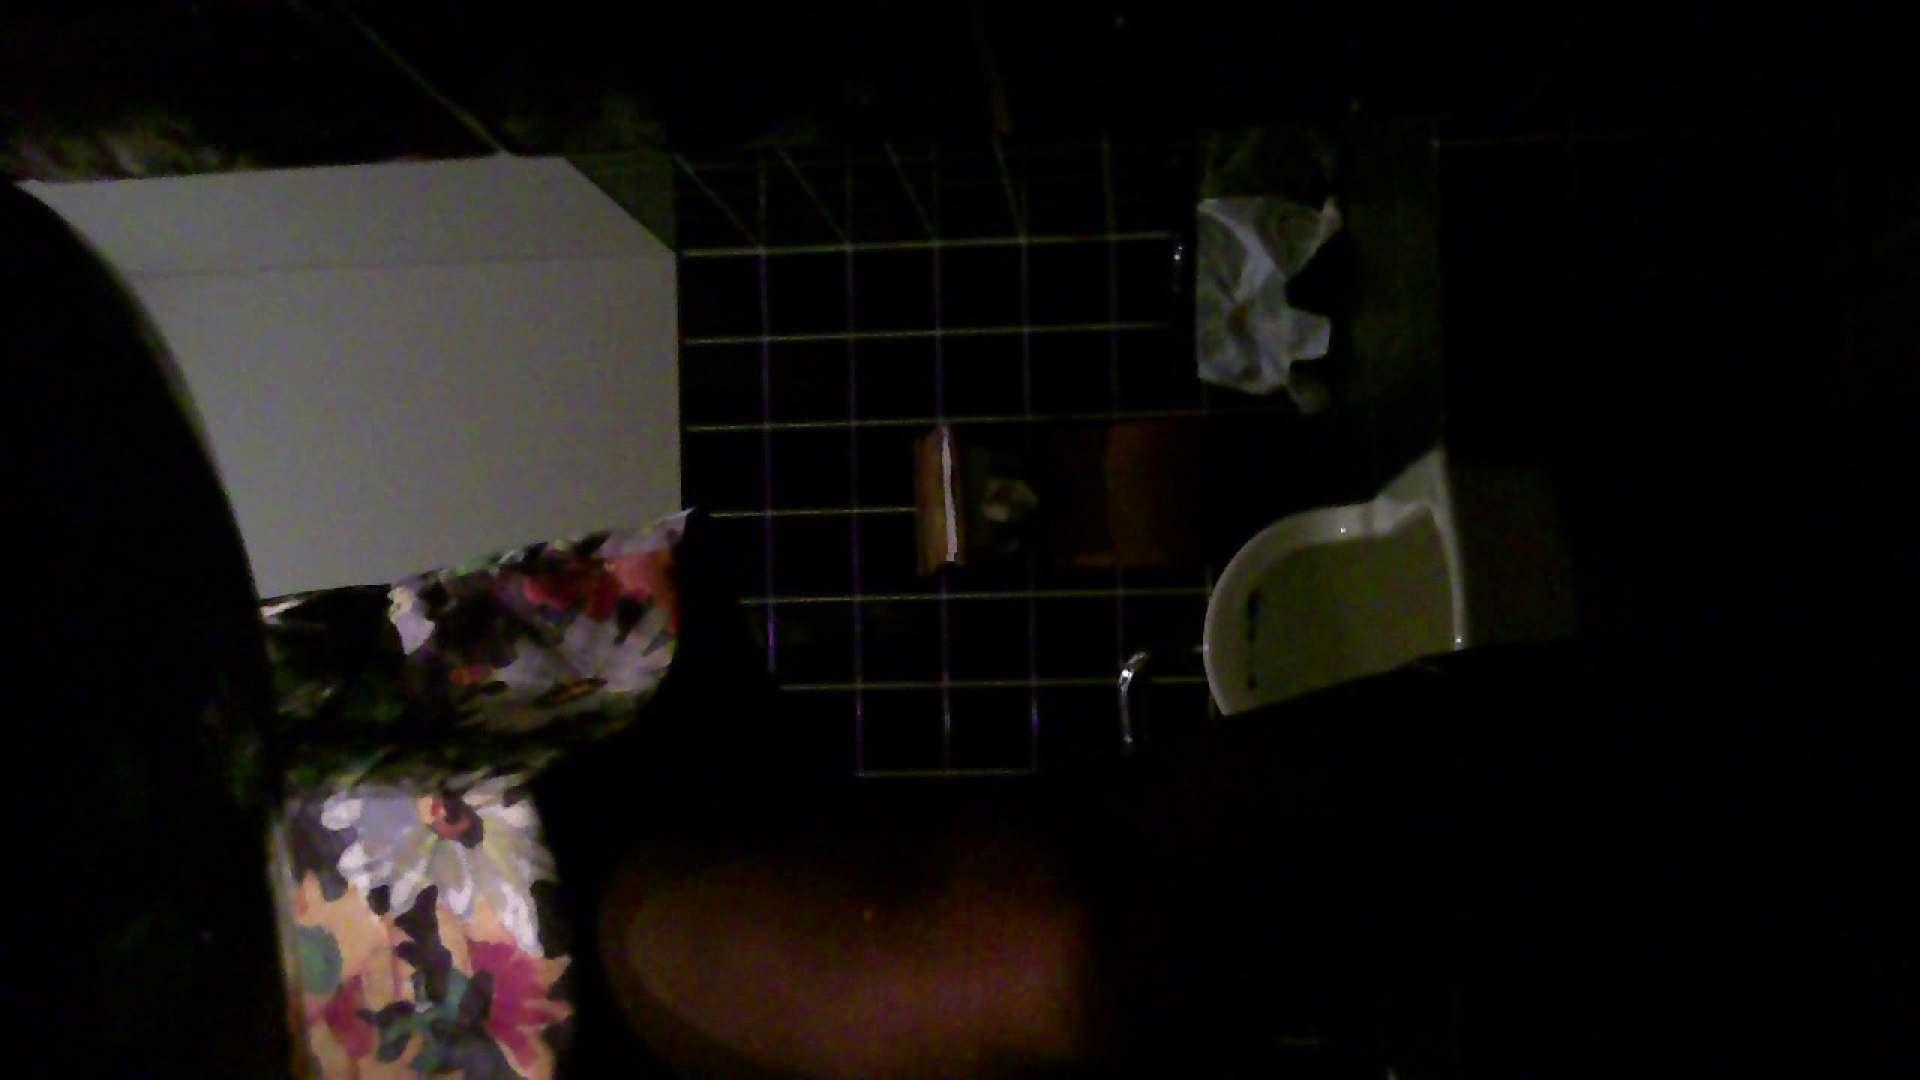 美女の集まる飲み屋洗面所 vol.04 洗面所 覗きオメコ動画キャプチャ 52PICs 50